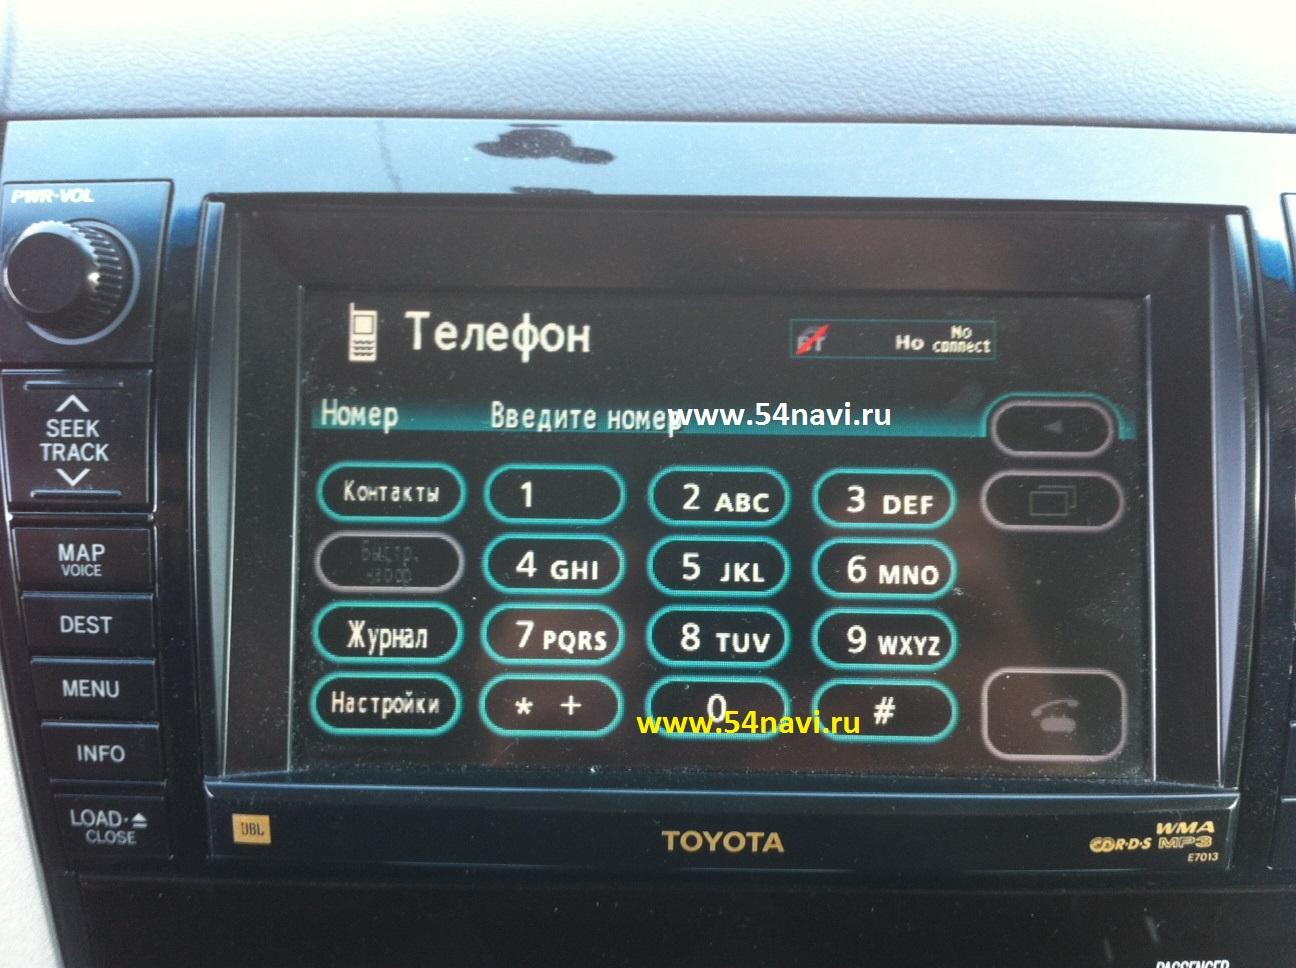 Продажа, Цены, Отзывы, Фото ... - Toyota